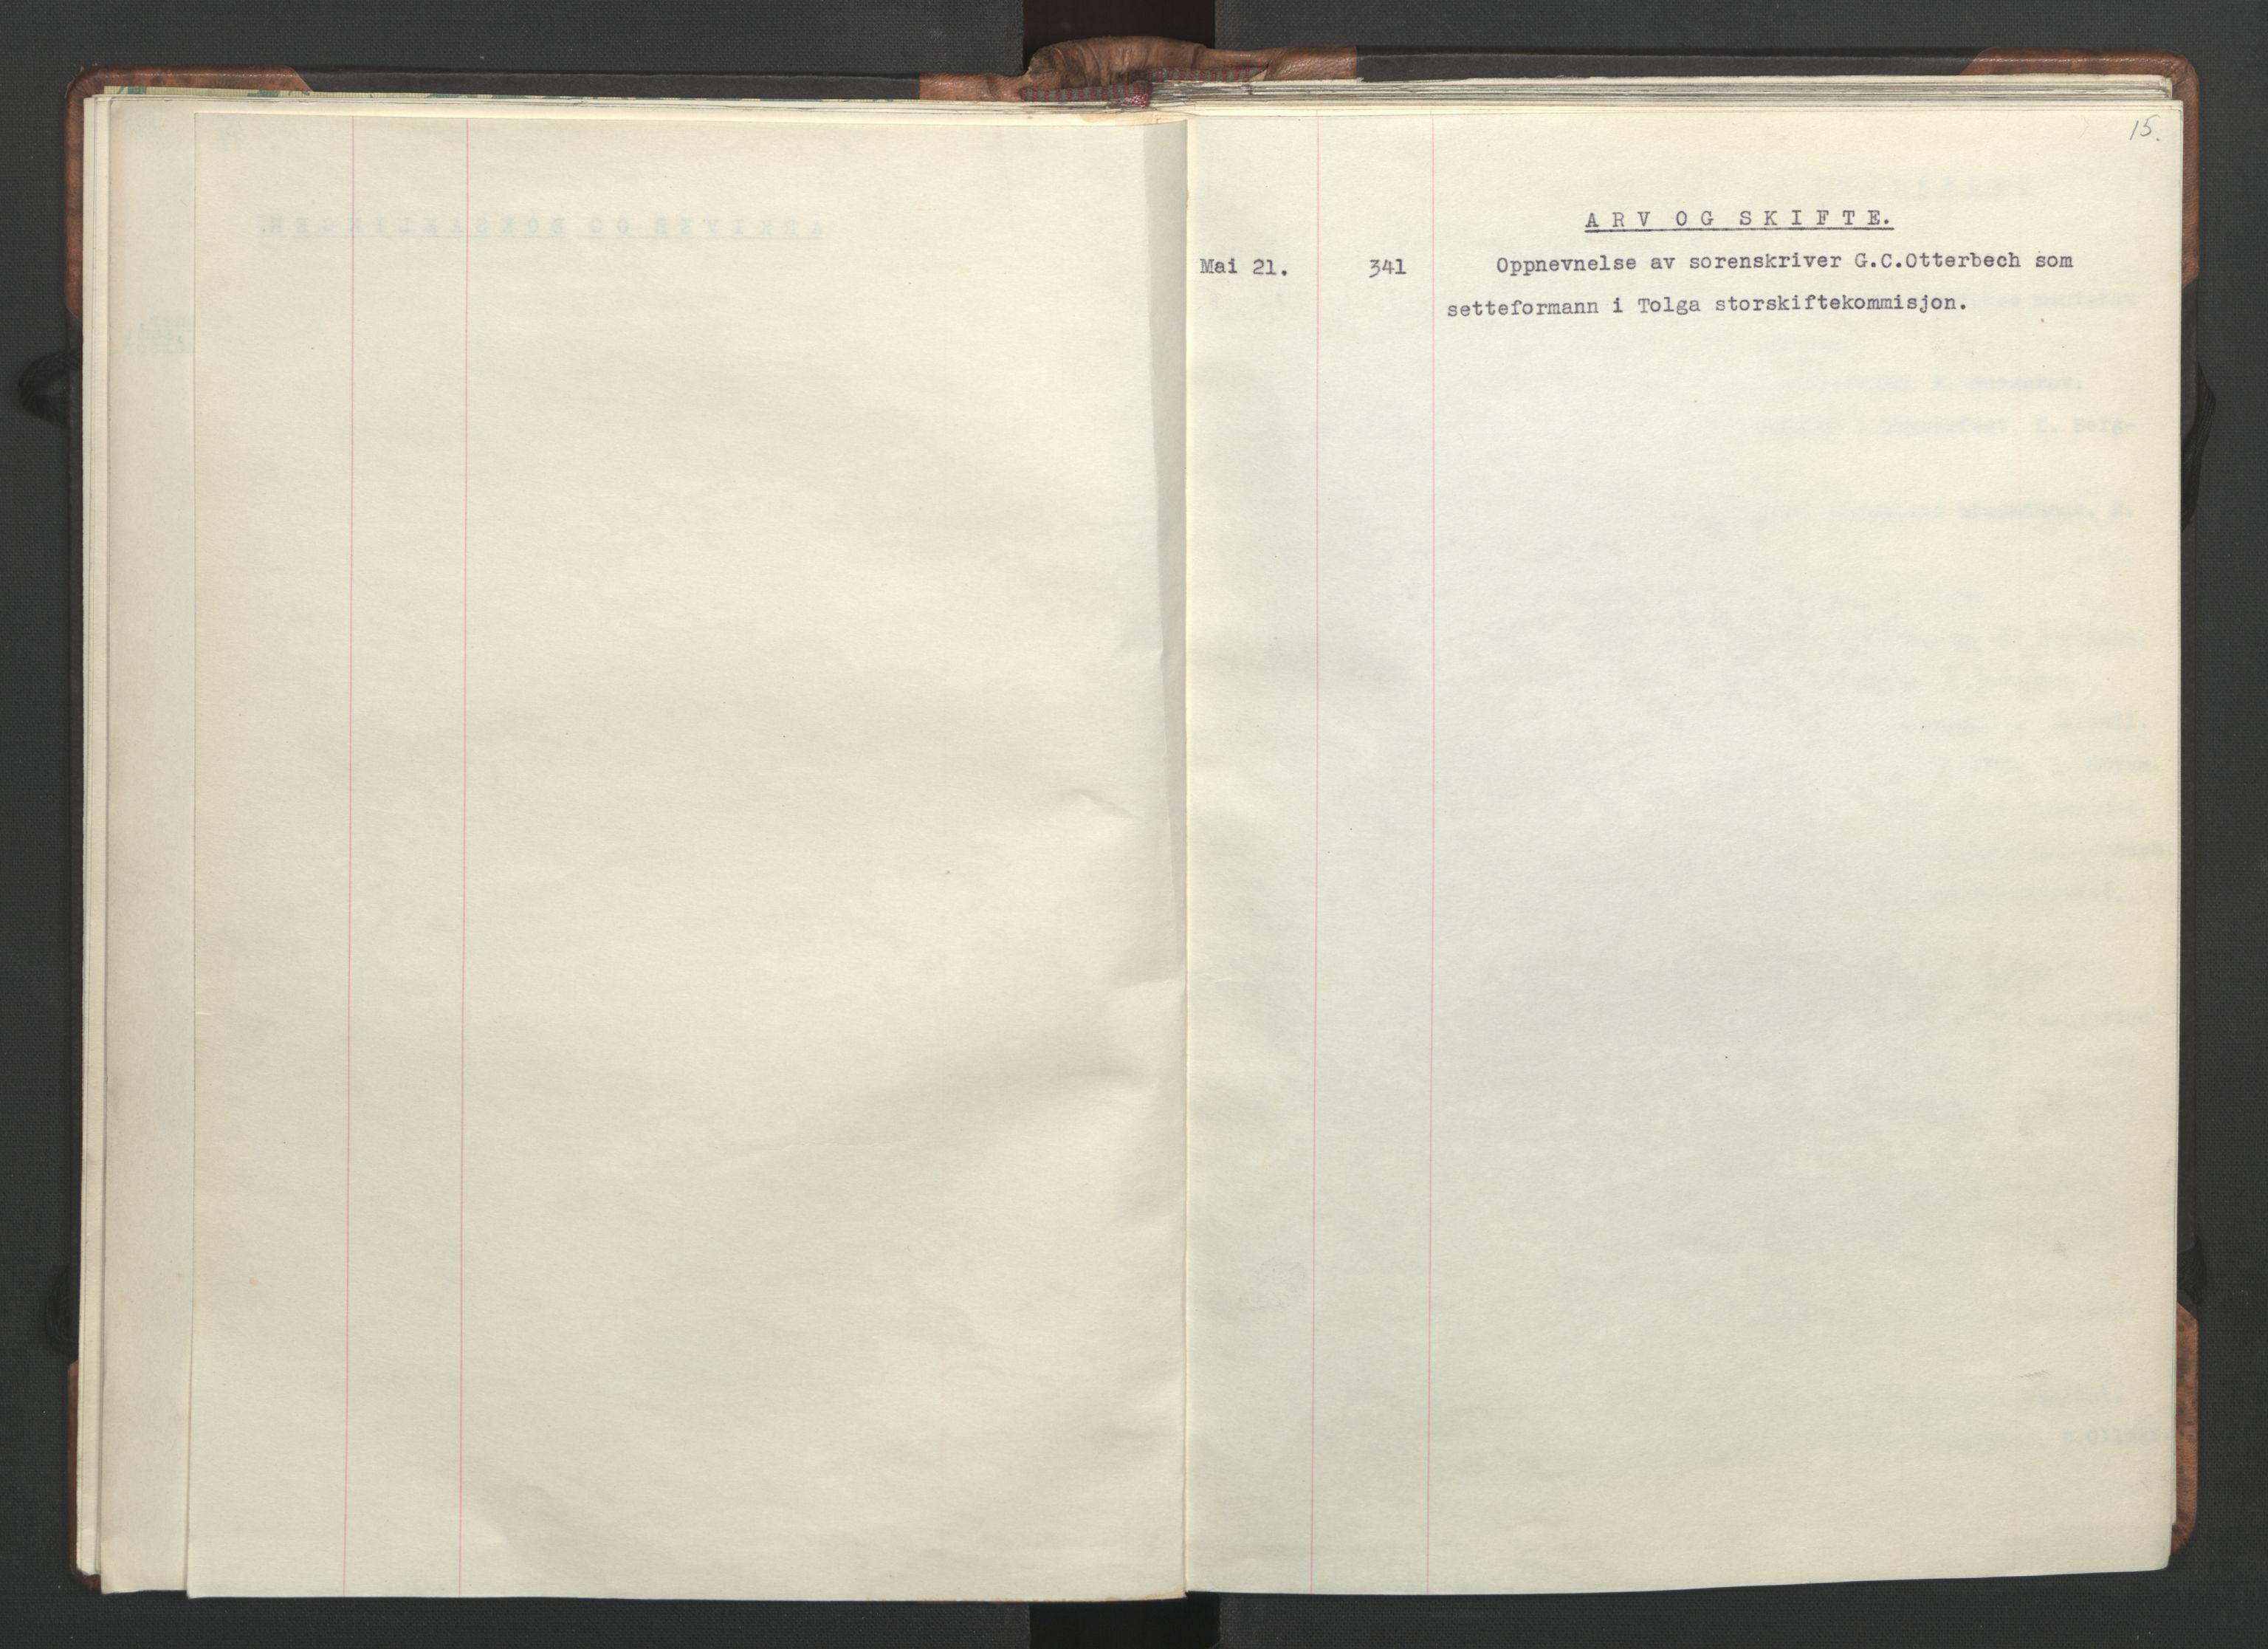 RA, NS-administrasjonen 1940-1945 (Statsrådsekretariatet, de kommisariske statsråder mm), D/Da/L0002: Register (RA j.nr. 985/1943, tilgangsnr. 17/1943), 1942, s. 14b-15a